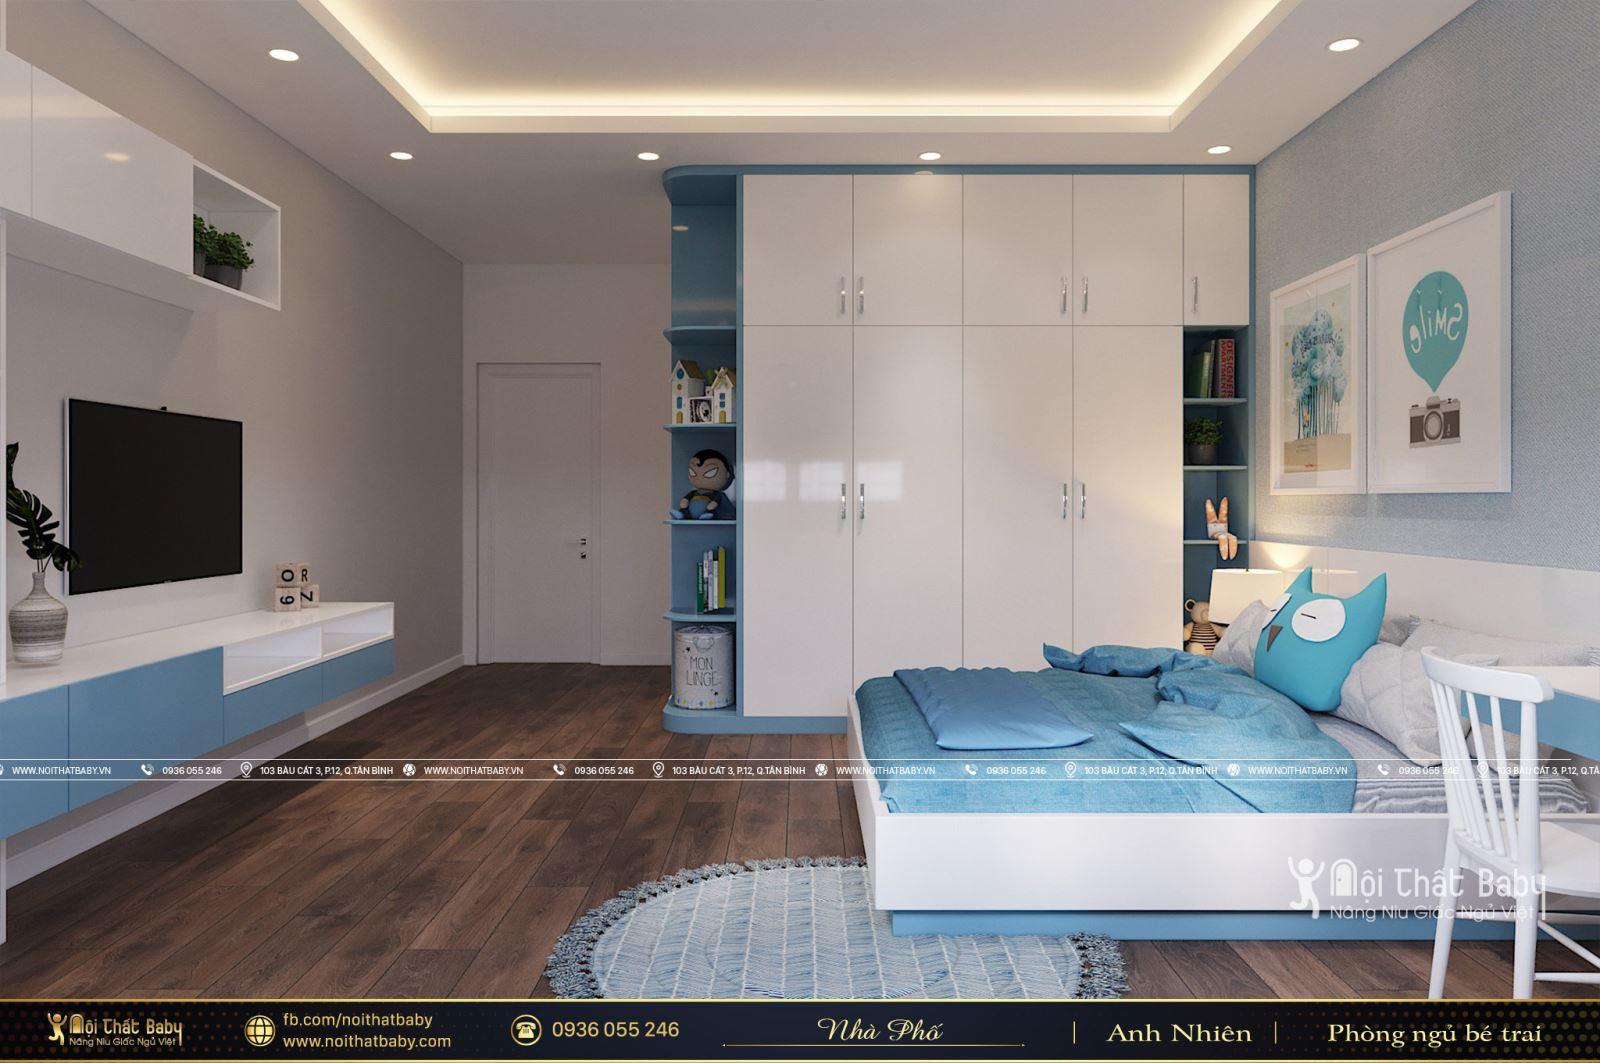 Phòng ngủ bé trai màu xanh tại Khu dân cư Bình Phú